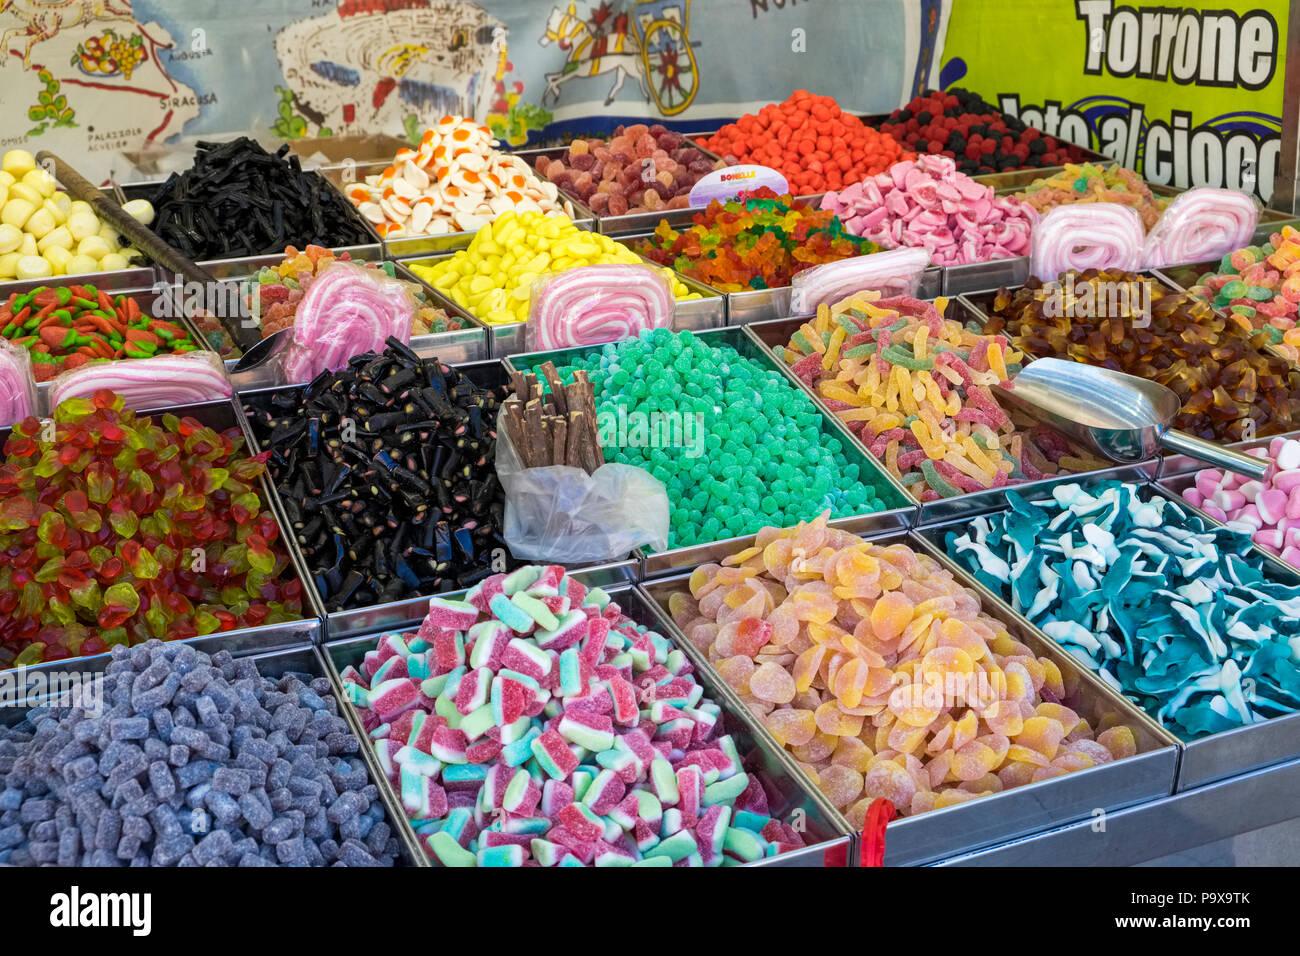 Bonbons traditionnels siciliens sur une échoppe de marché à Palerme, Sicile, Italie, Europe Photo Stock